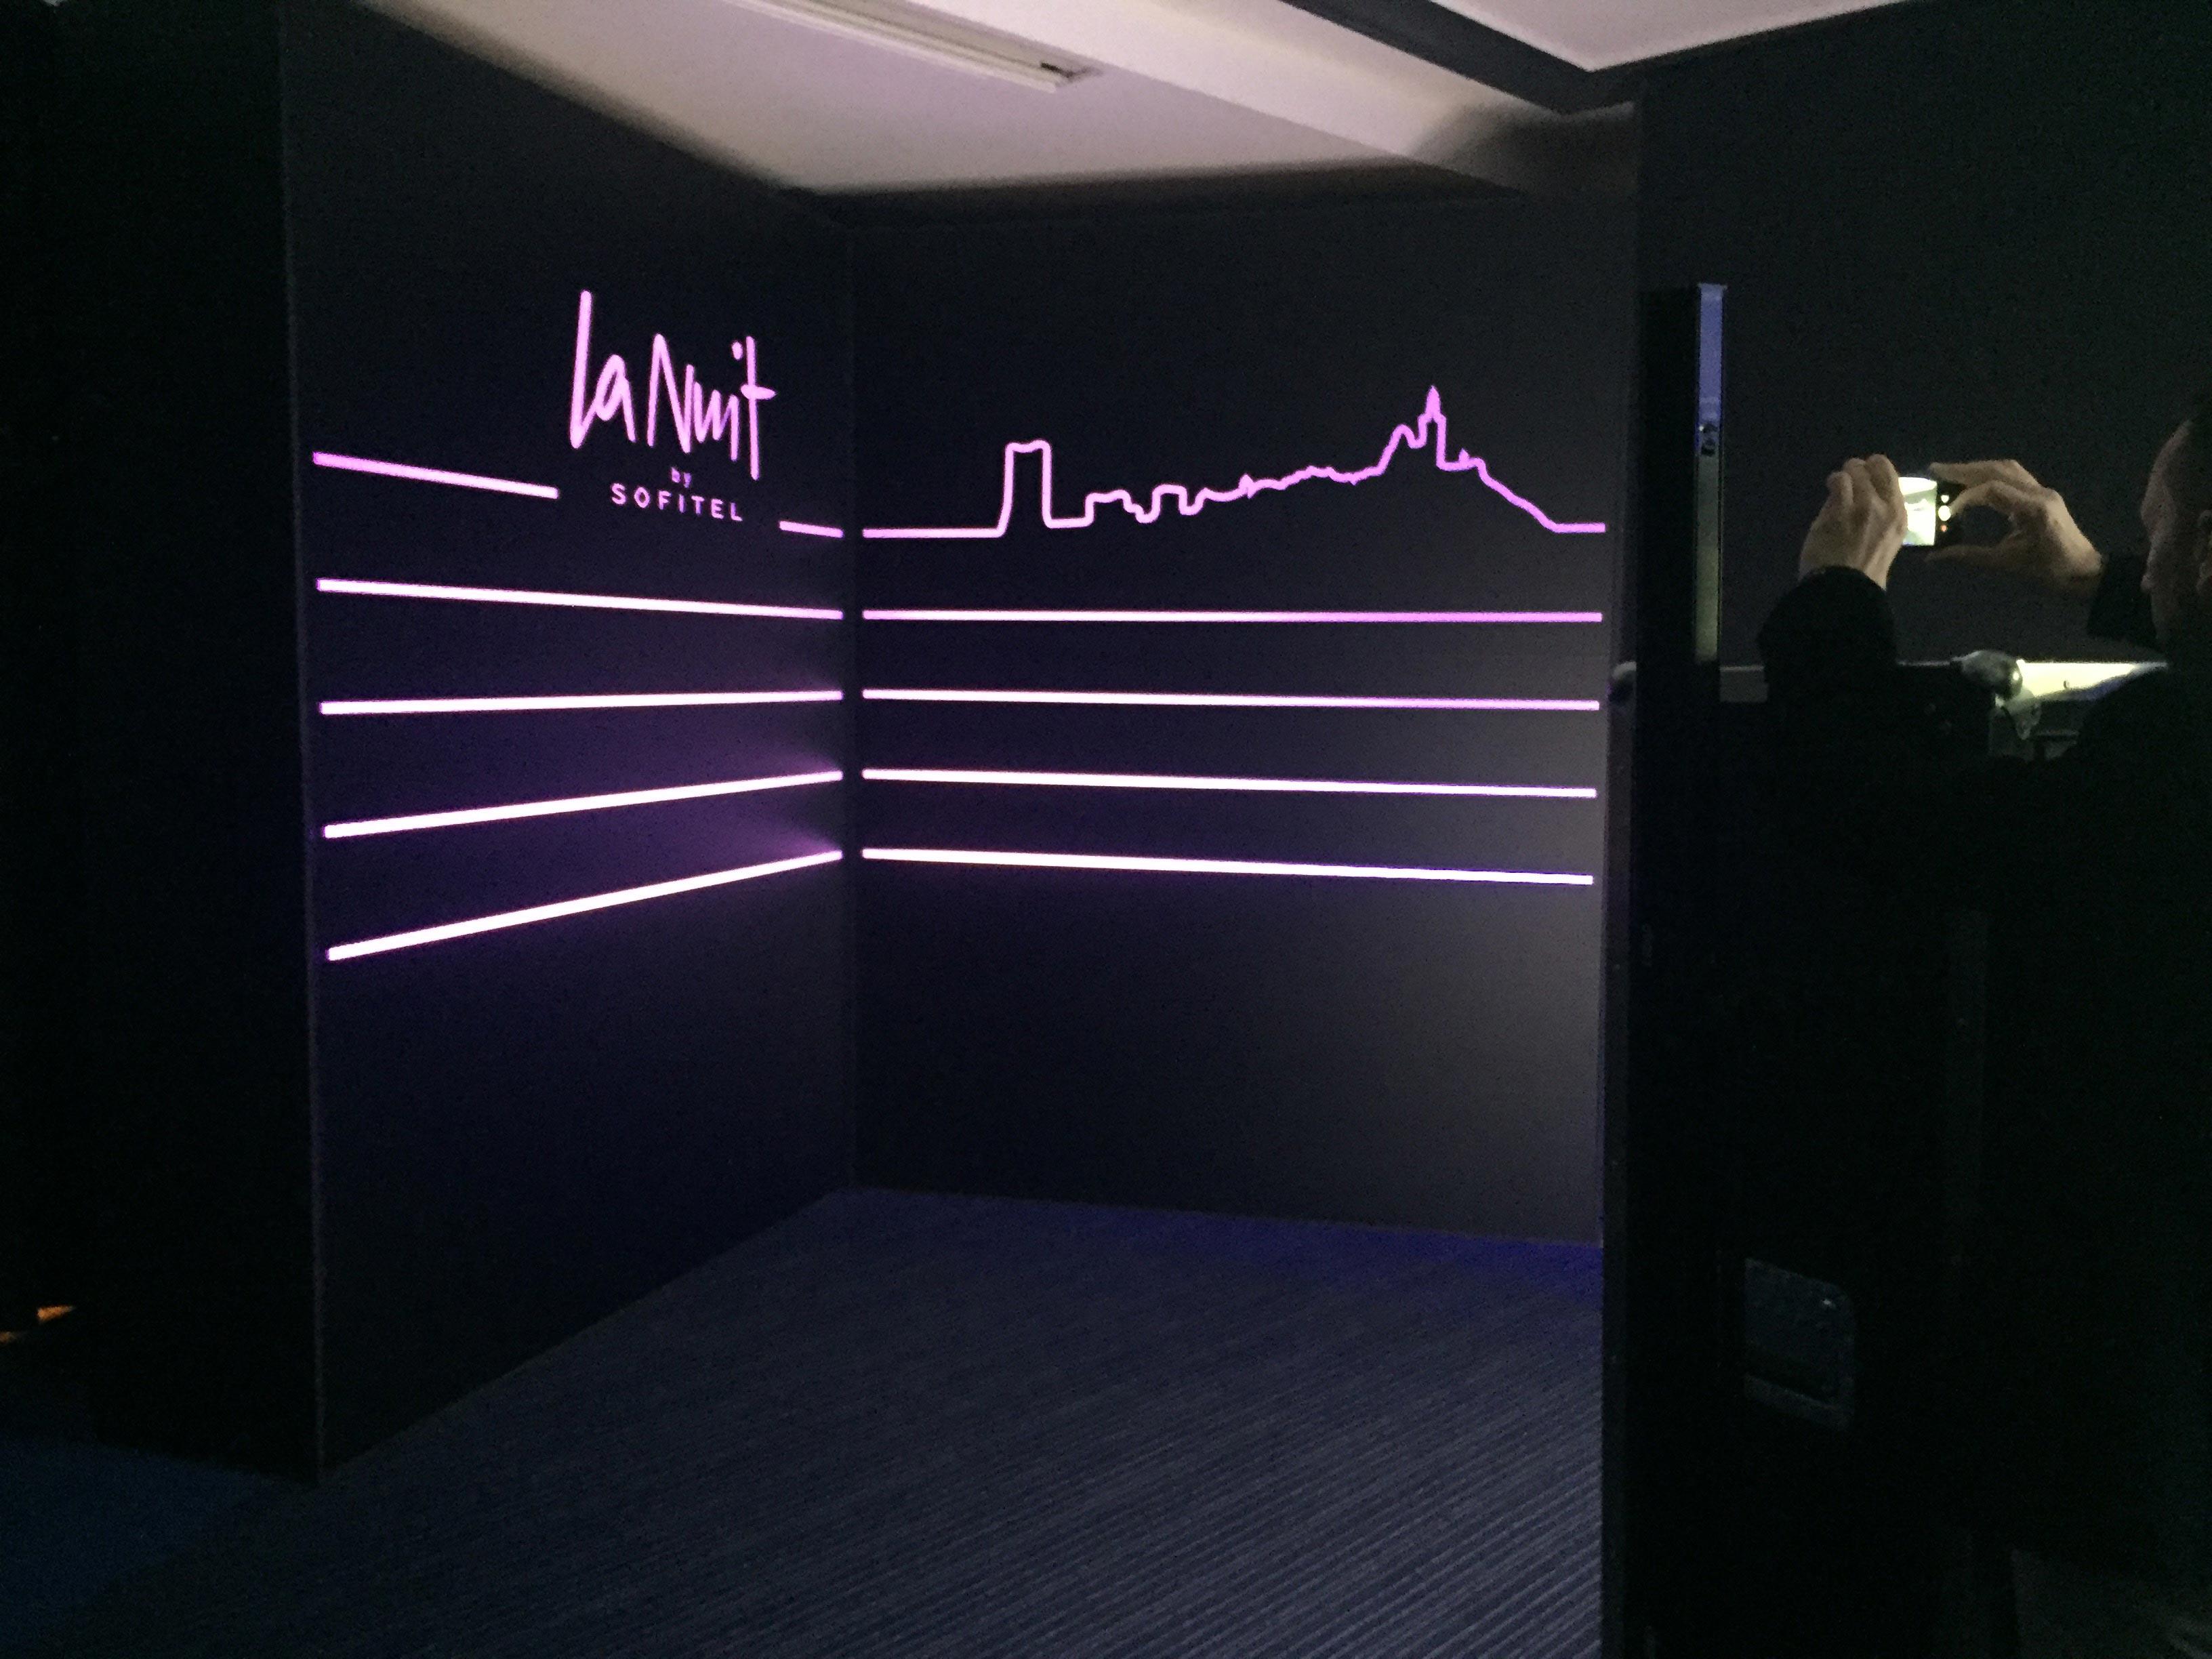 La Nuit by Sofitel-la-nuit-by-sofitel-Dantès-Skylounge-marseille-led-lumiere-habillage-experience-clients-aucop